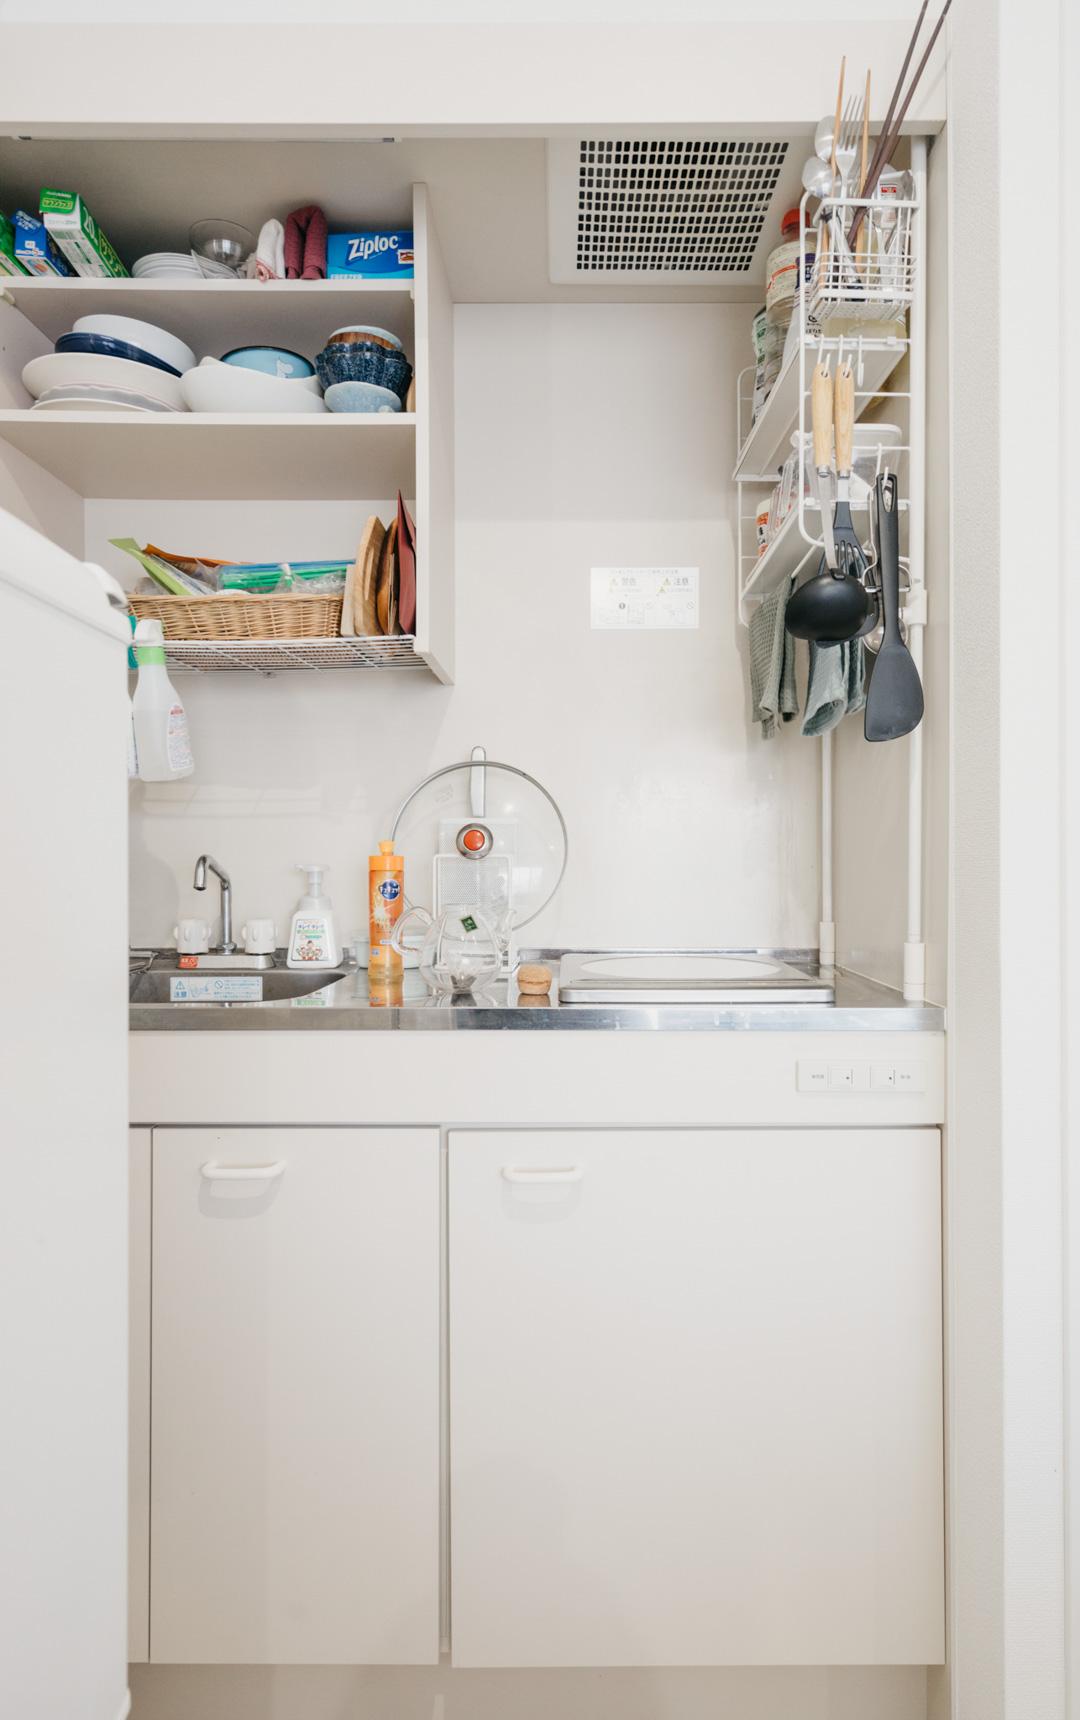 居室内にある小さなキッチンは、つっぱってつけられる棚を設置することで、作業効率が上がりました。「油で汚れない高い位置にラックがあるので、便利なんです」